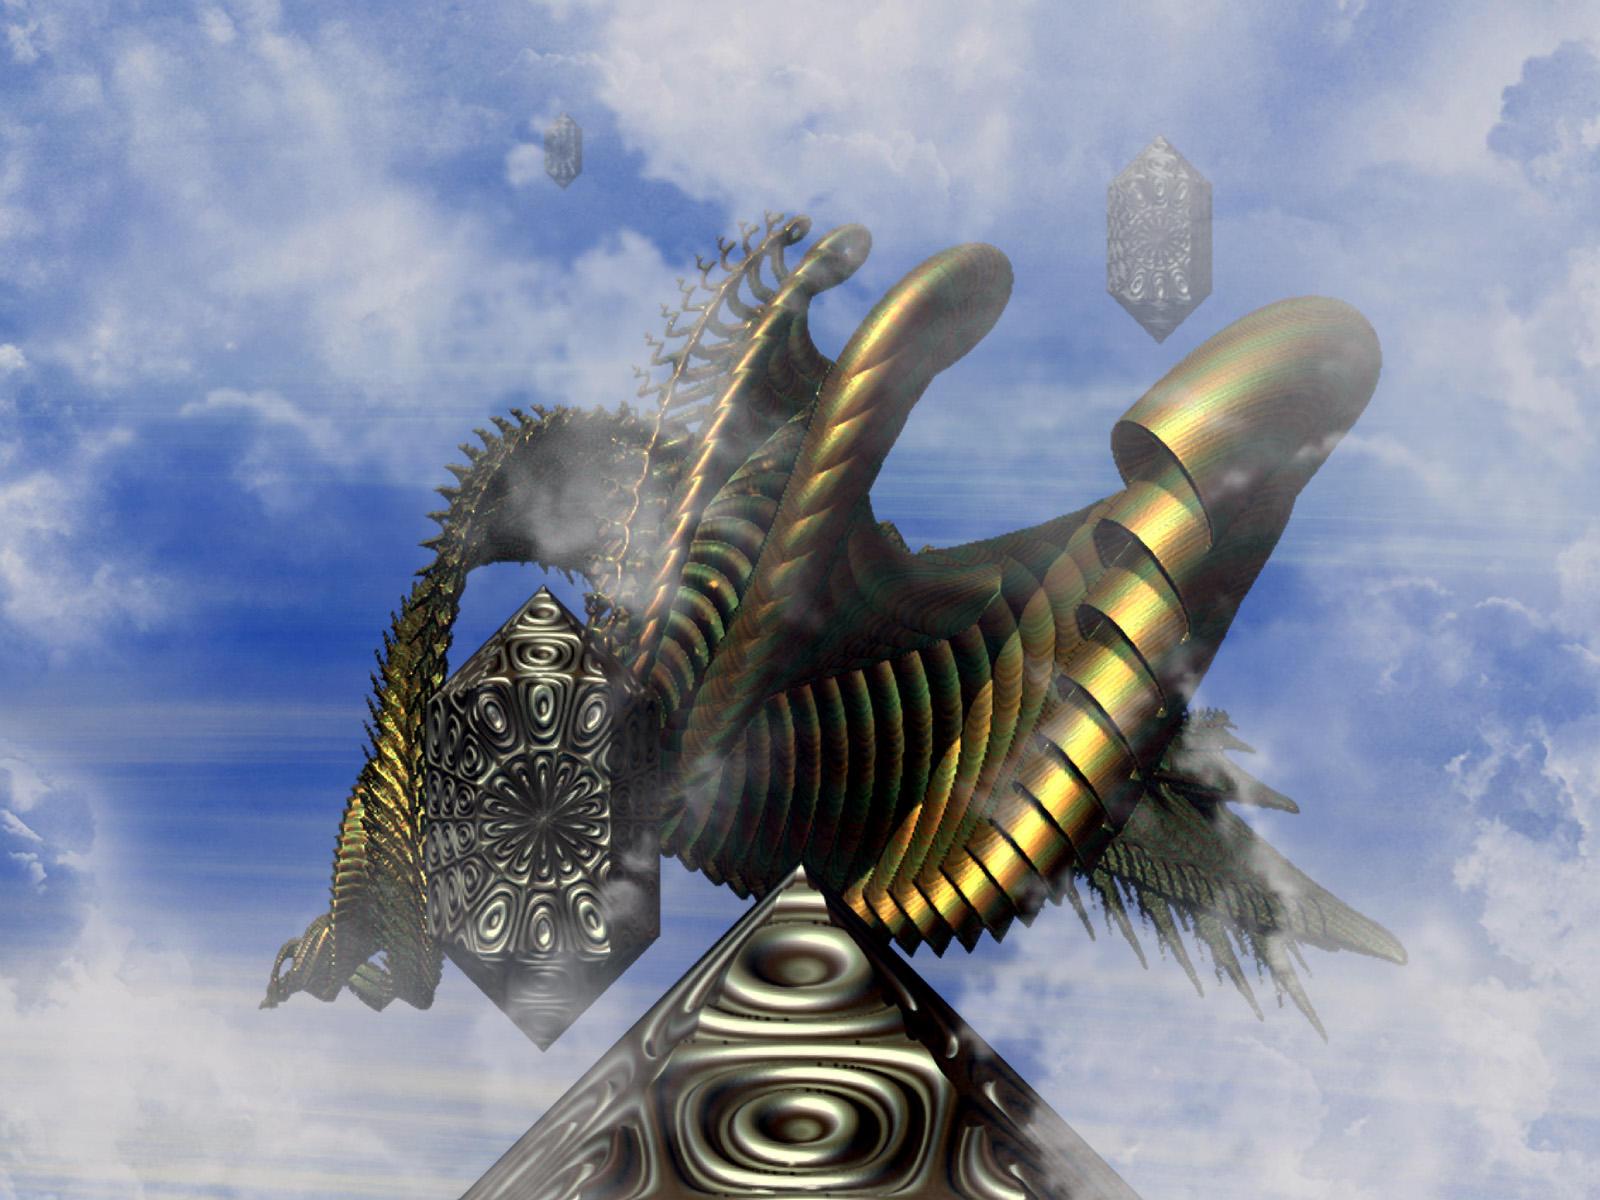 XenoDream Tuts 1 and 3 by J-a-v-i-e-r